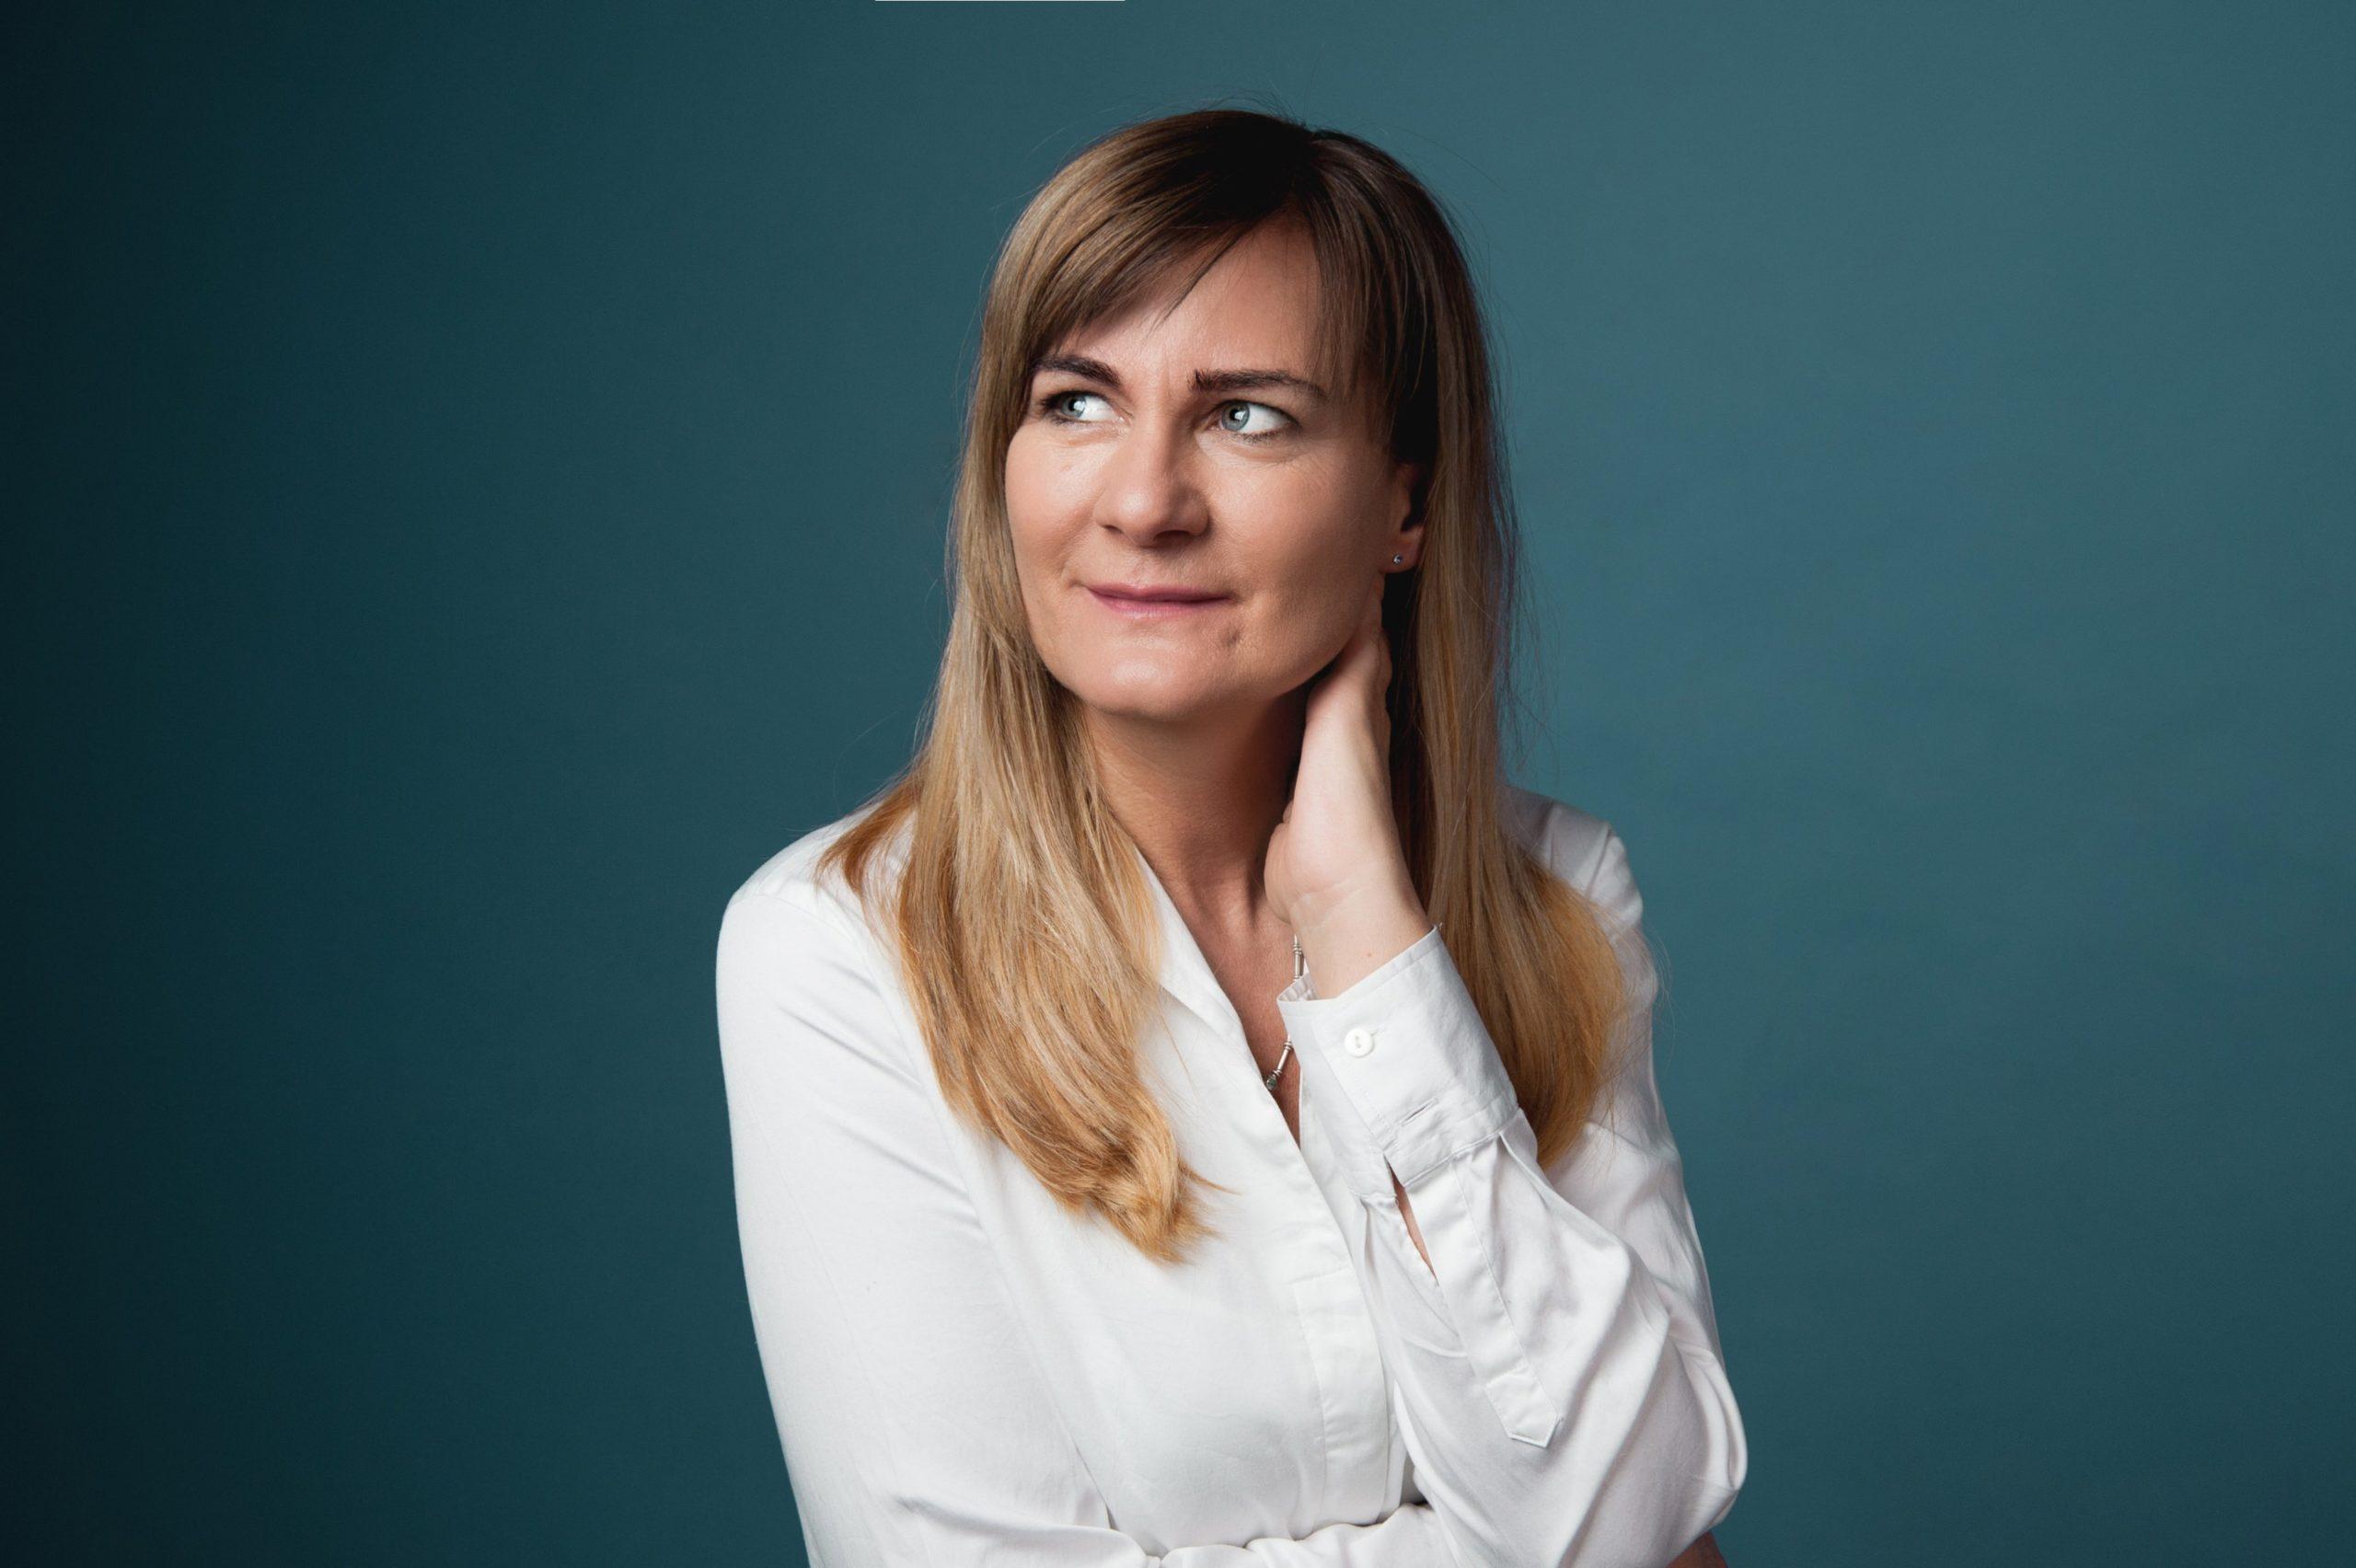 Paartherapeutin Vera Matt (Bild: Privat)